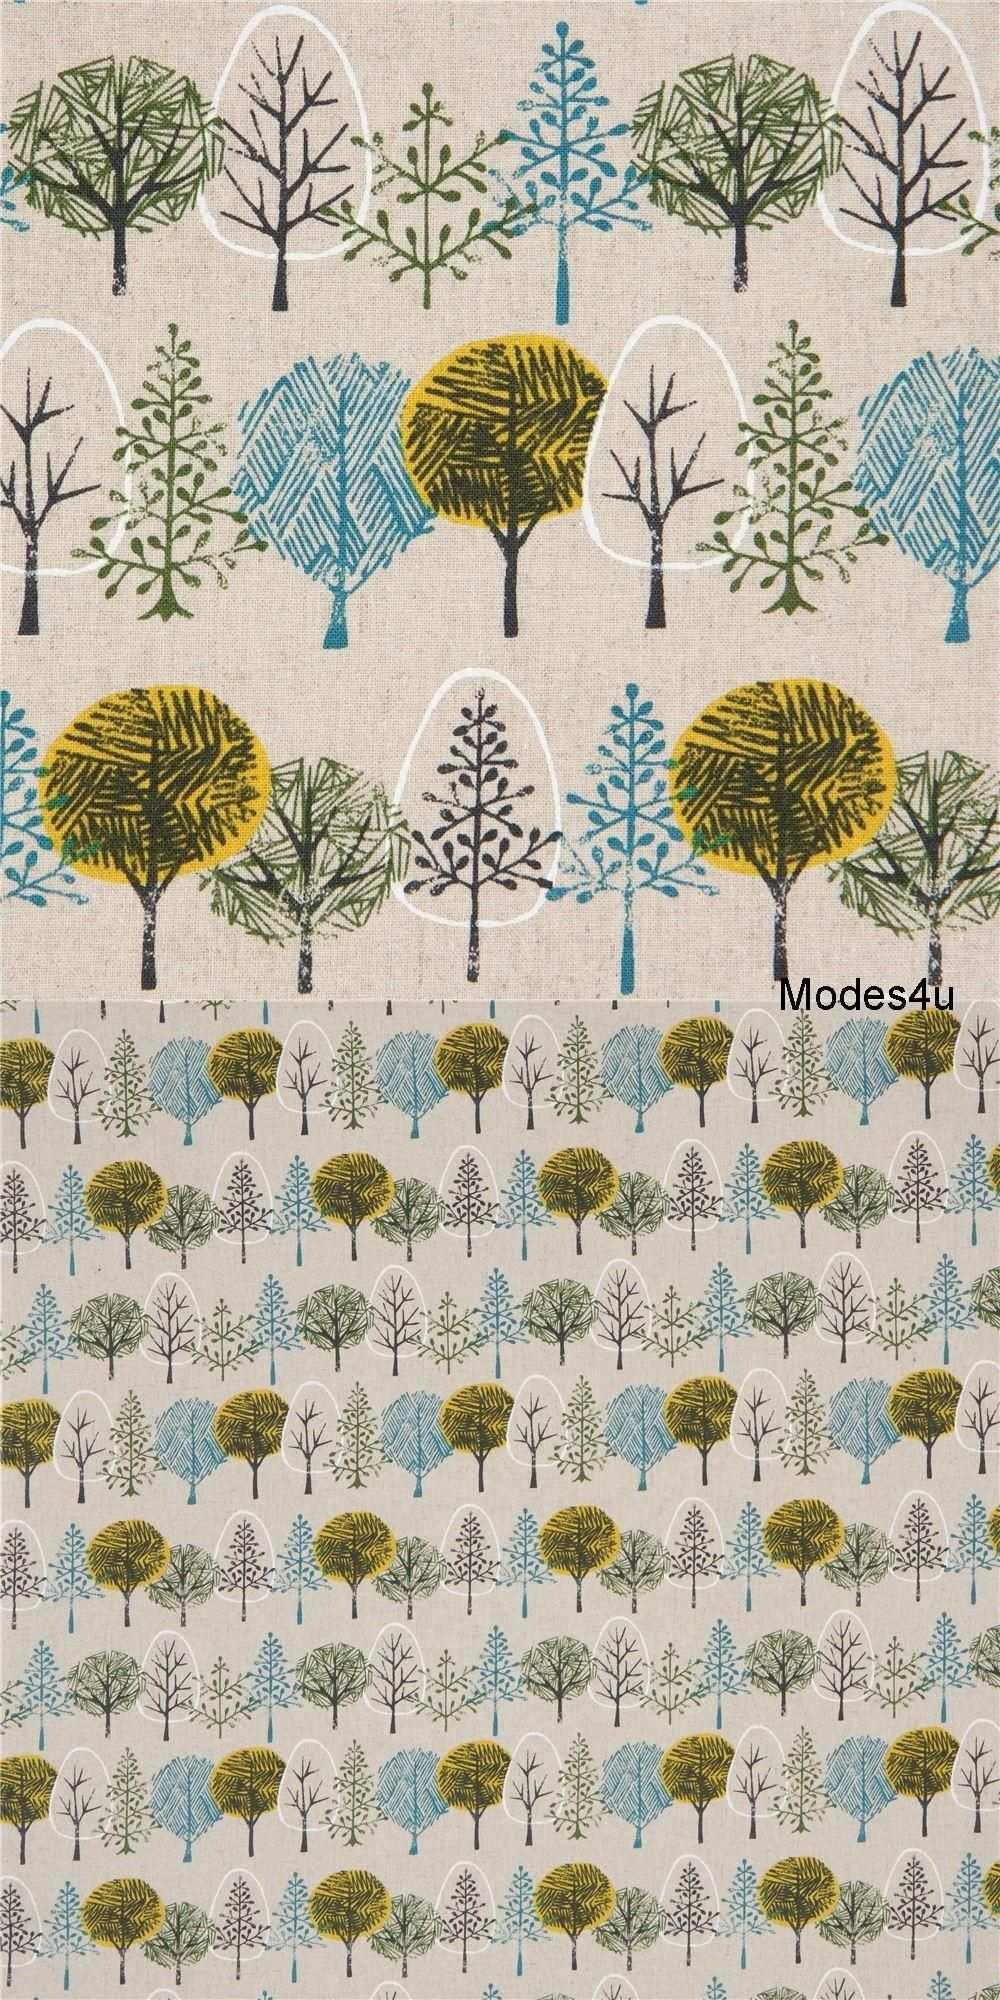 Pin Von Modes4u Auf Japanische Stoffe De Naturfarben Leinengewebe Japanische Stoffe